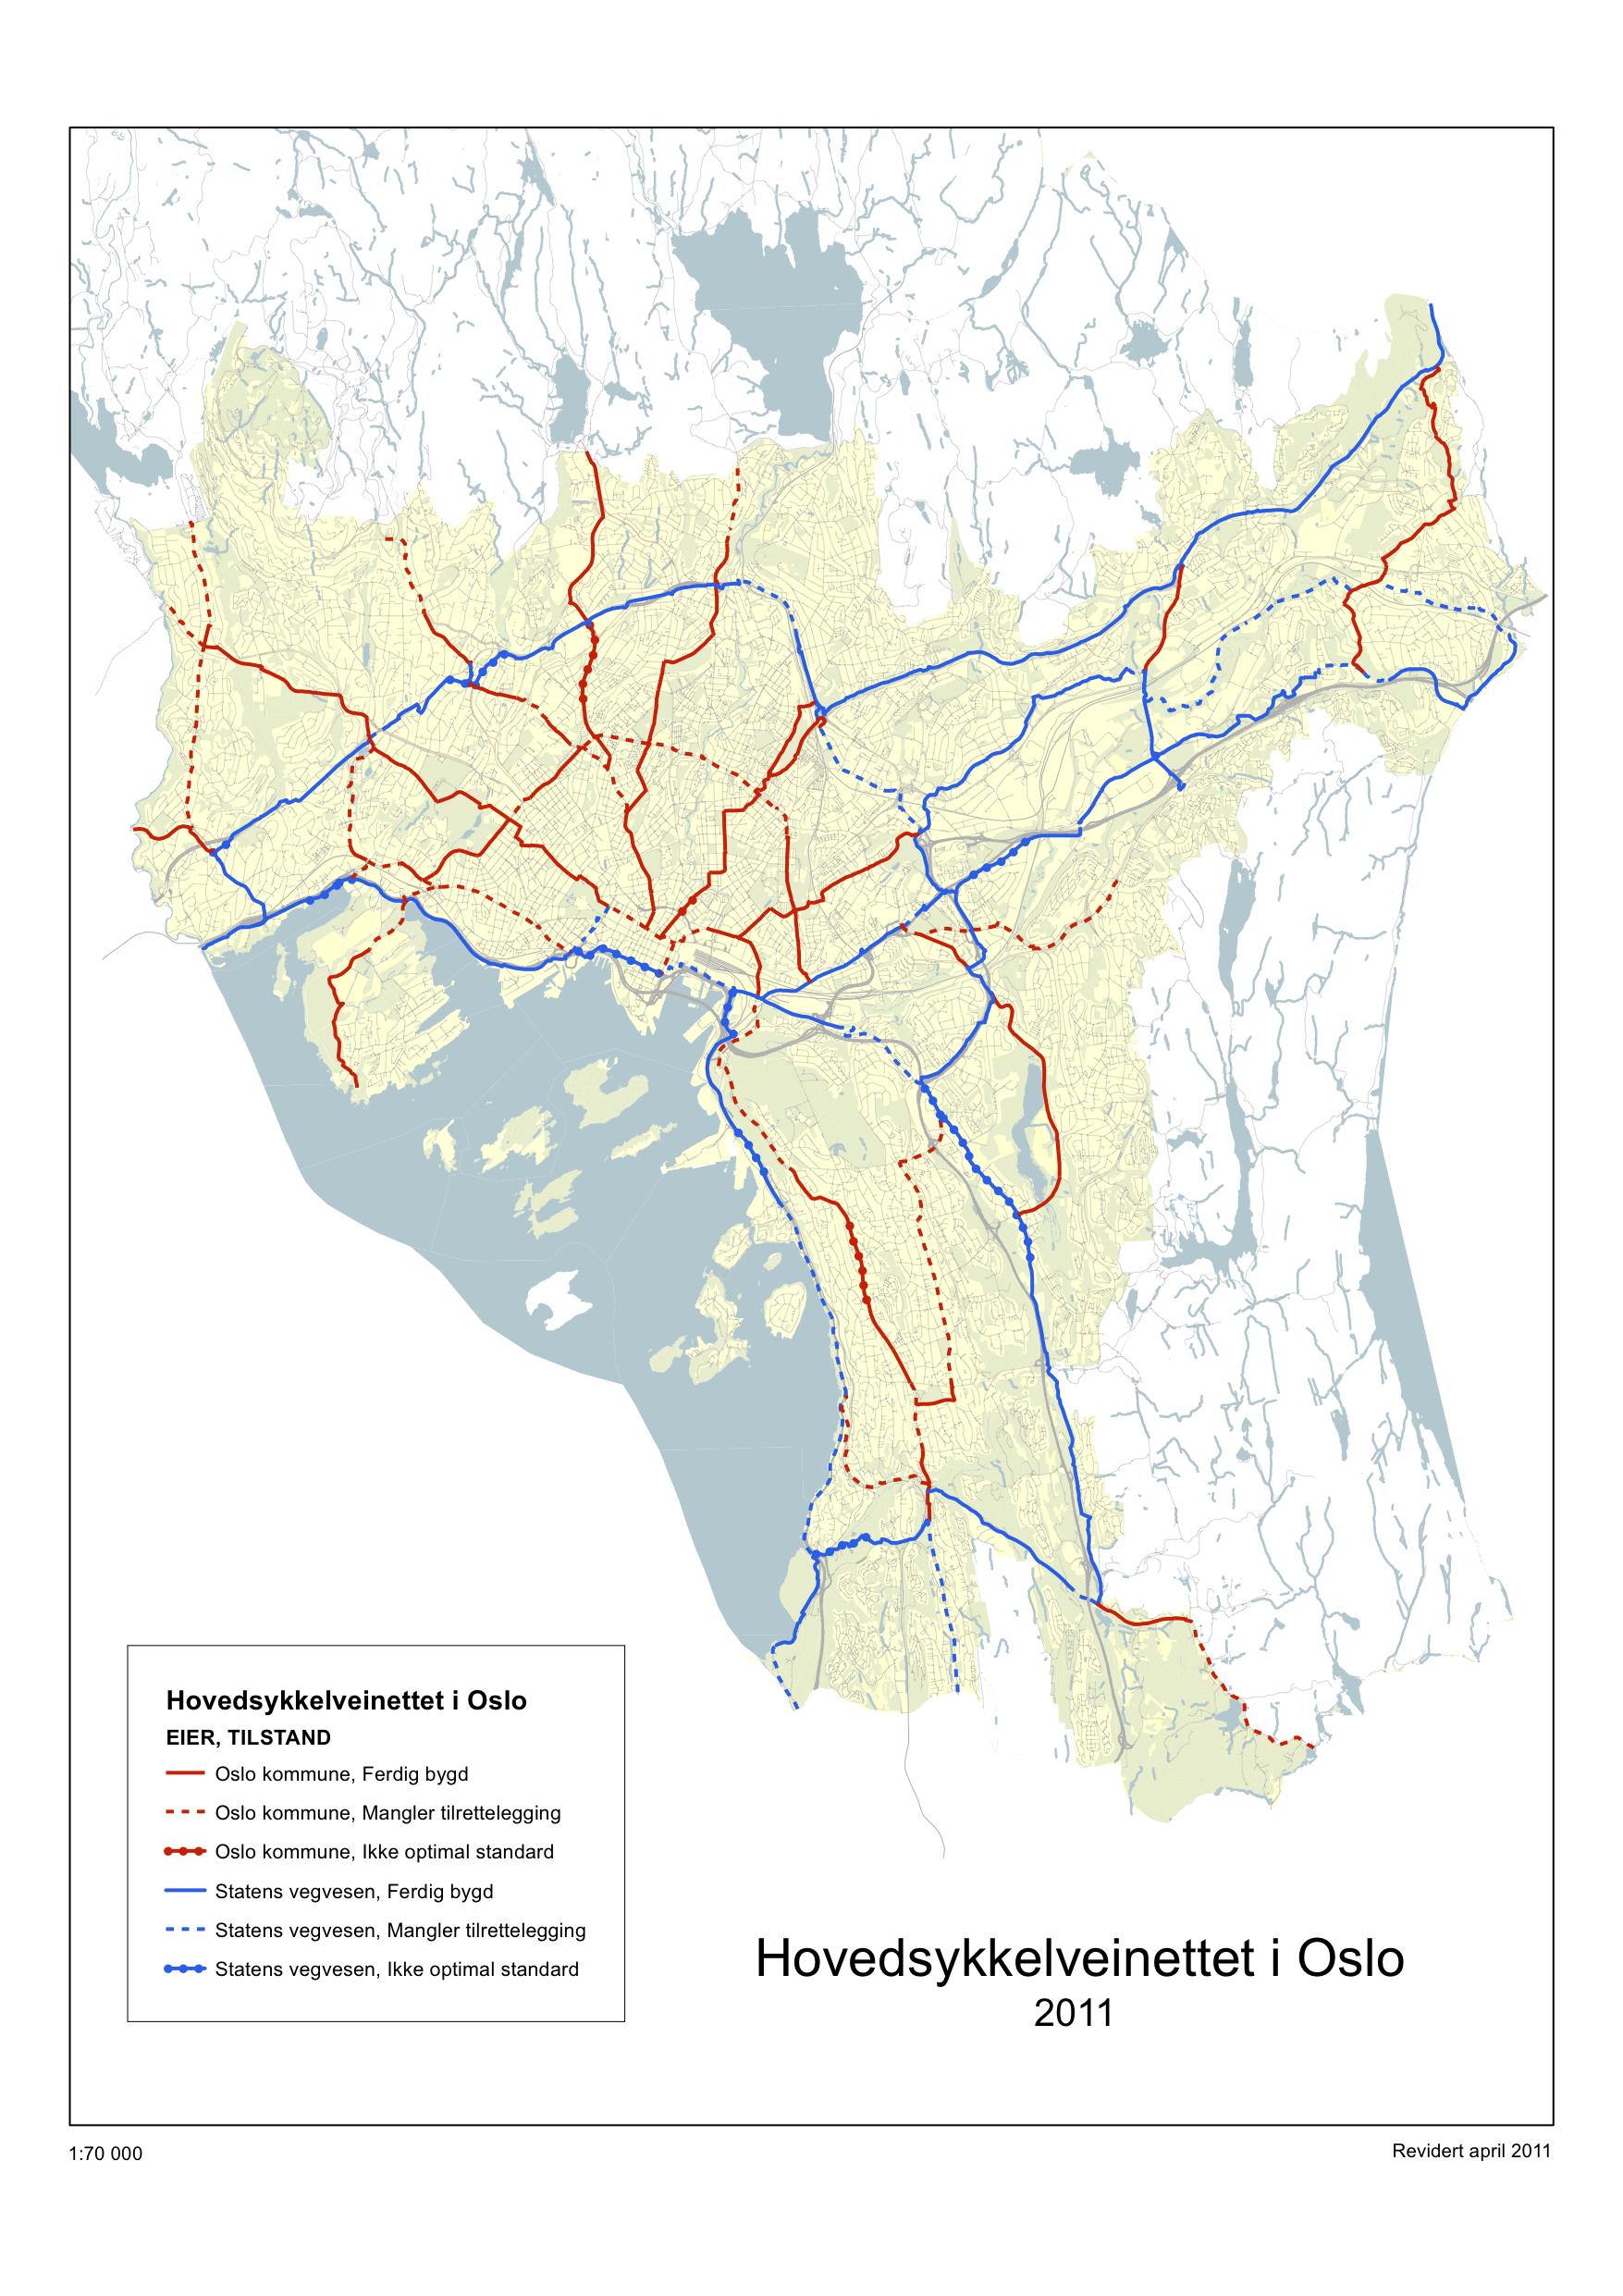 kart sykkelveier oslo På gang /sykkelveier i Bærum og Oslo kart sykkelveier oslo